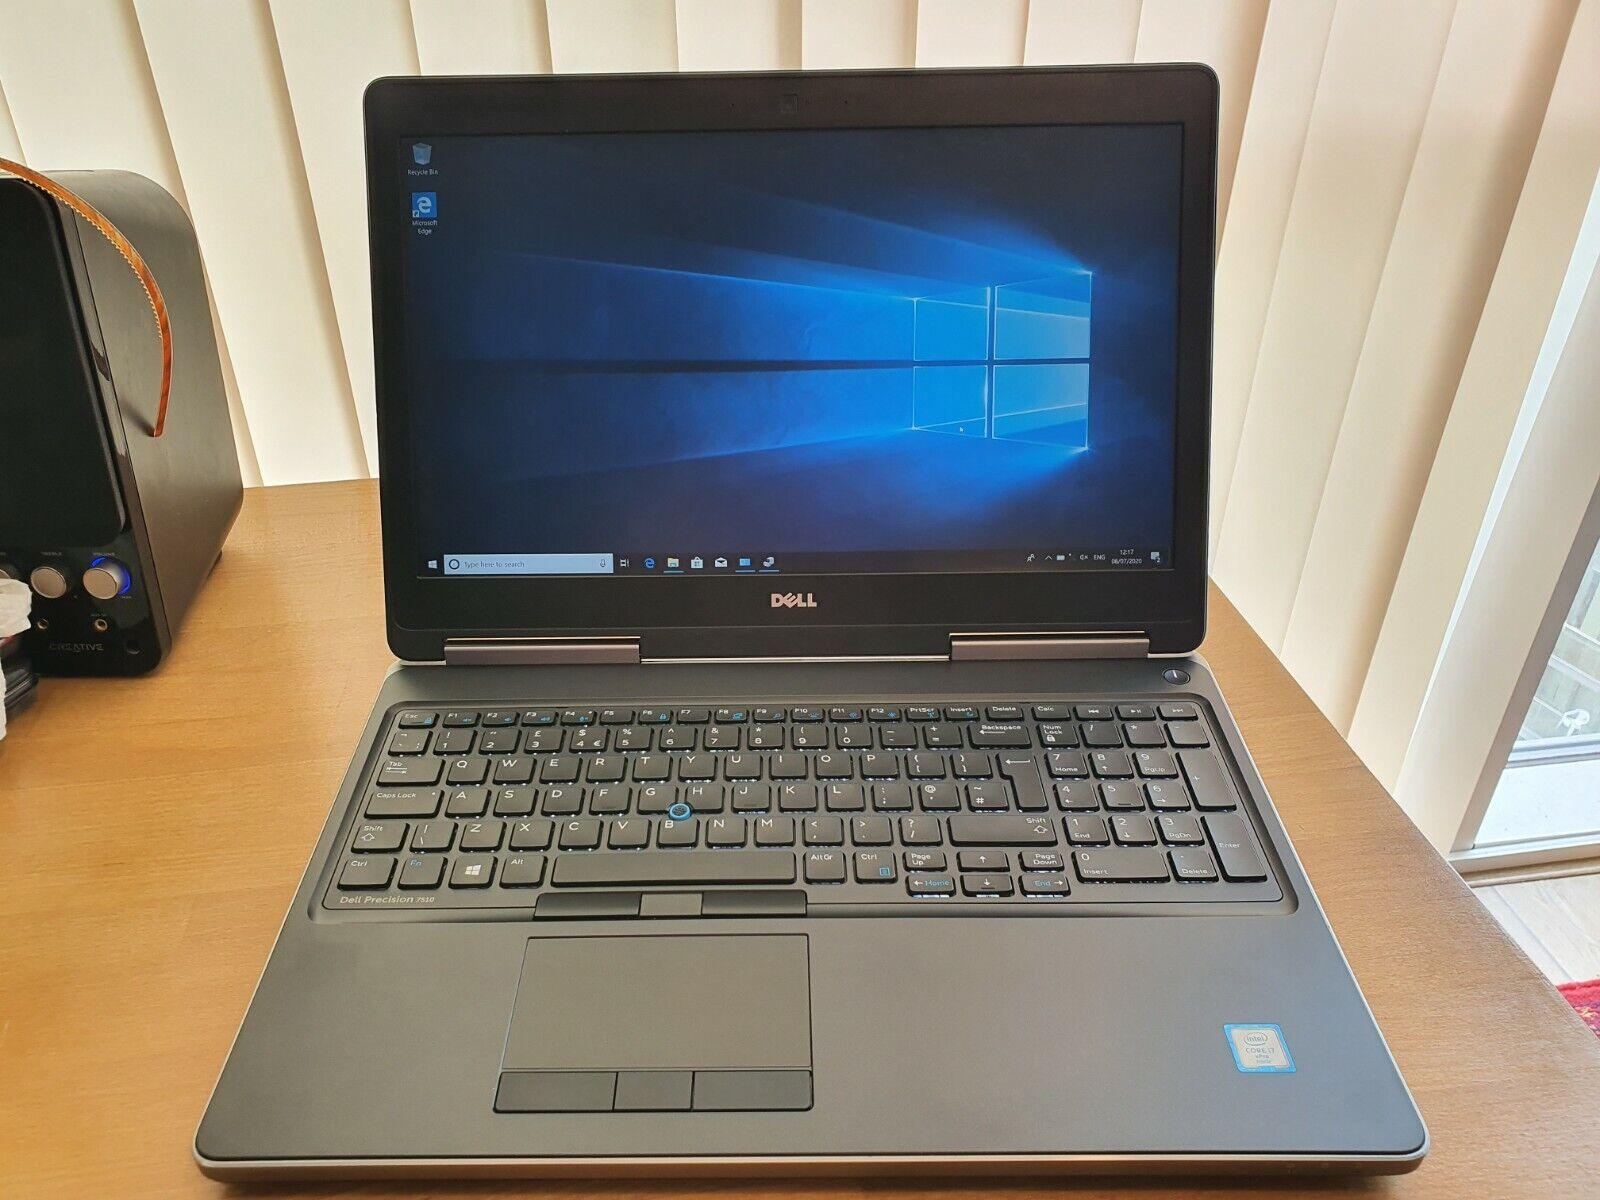 windows 7 laptop - Dell Precision 7510, i7 6820HQ 16GB RAM 500GB SSD Windows 10 Pro 15.6in 1080p